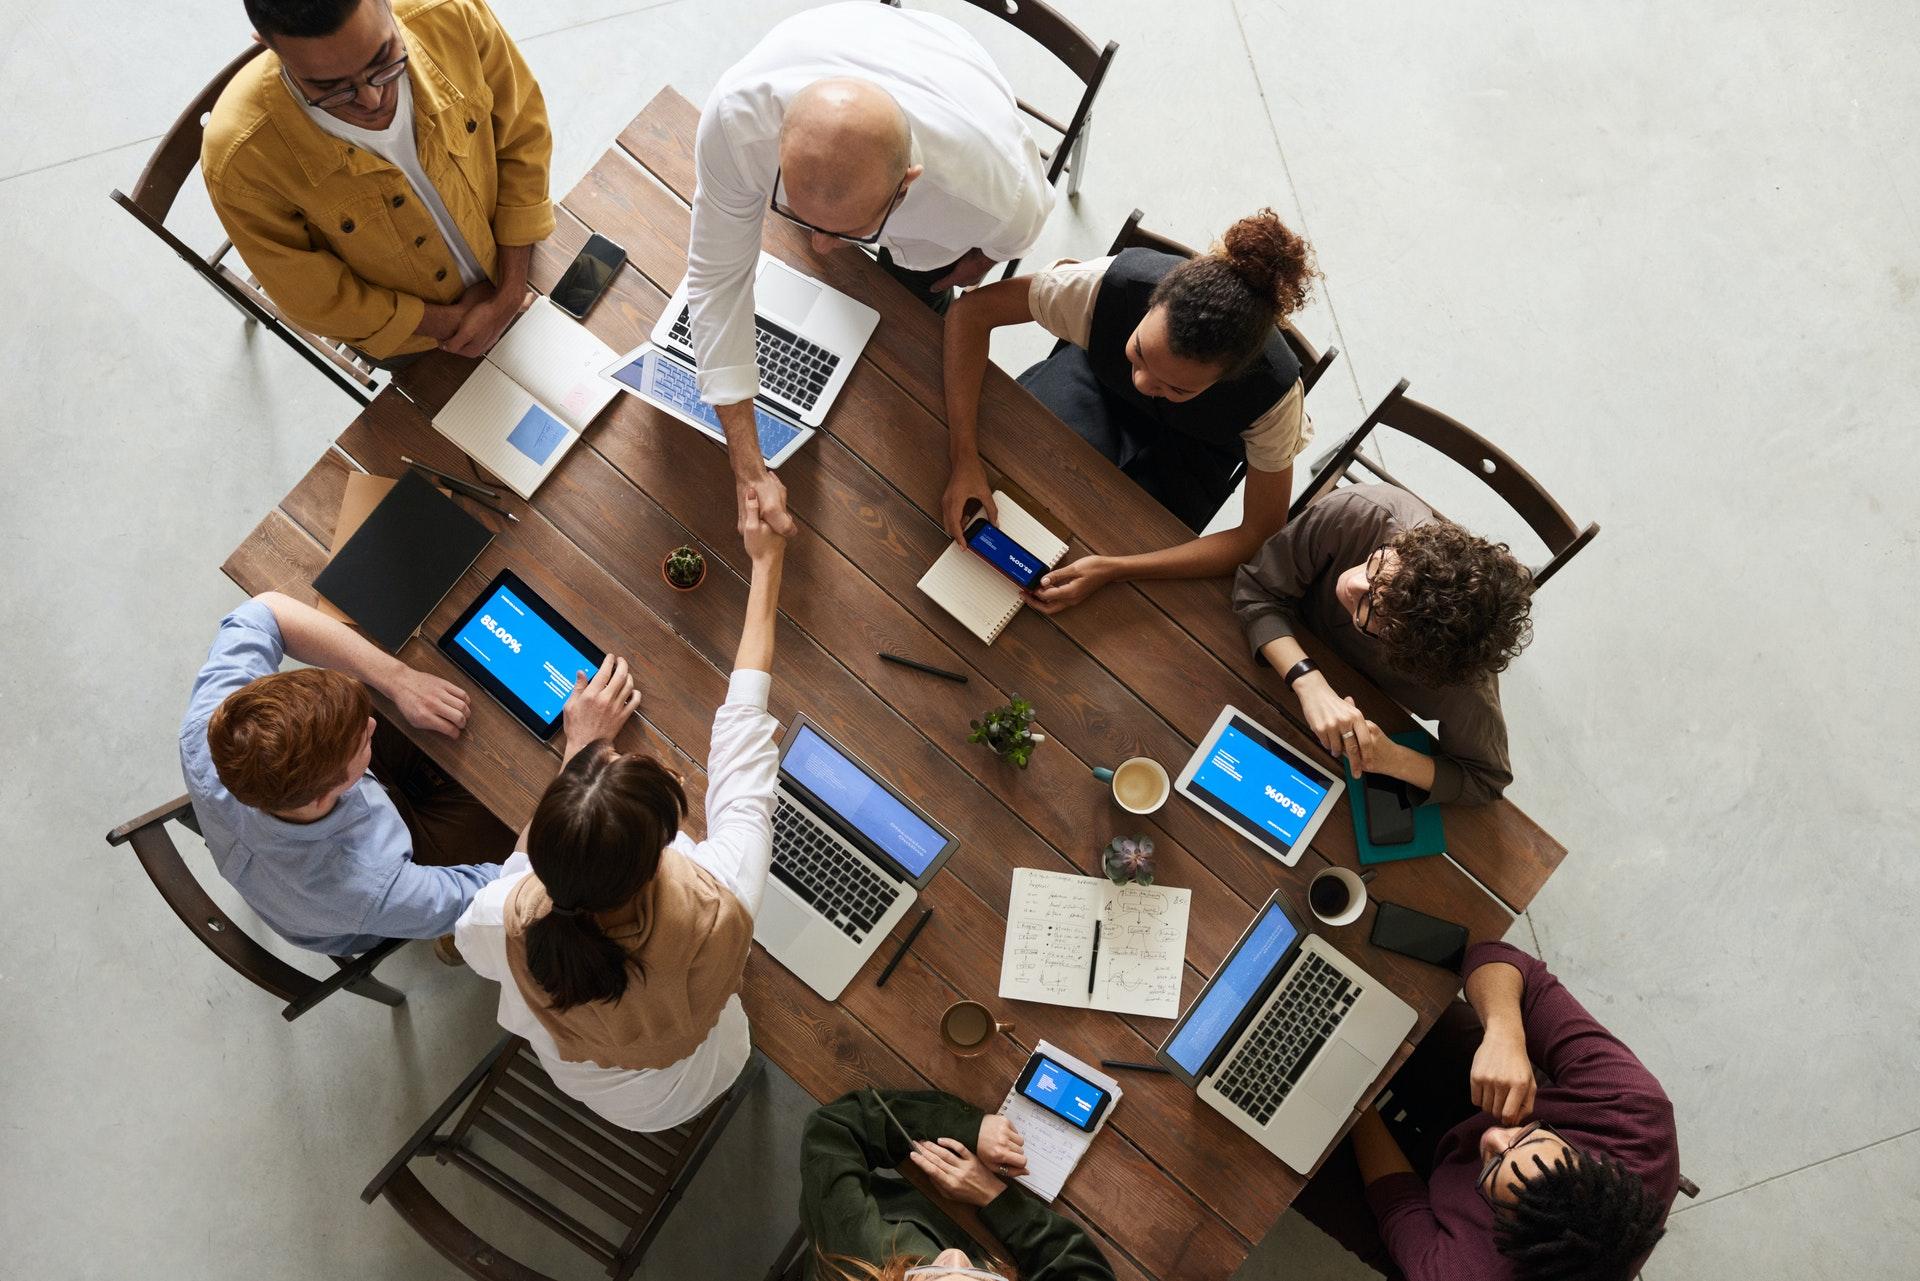 verslo-lyderyste-krizes-metu-ko-siandien-galime-pasimokyti-is-simto-metu-senumo-istorijos